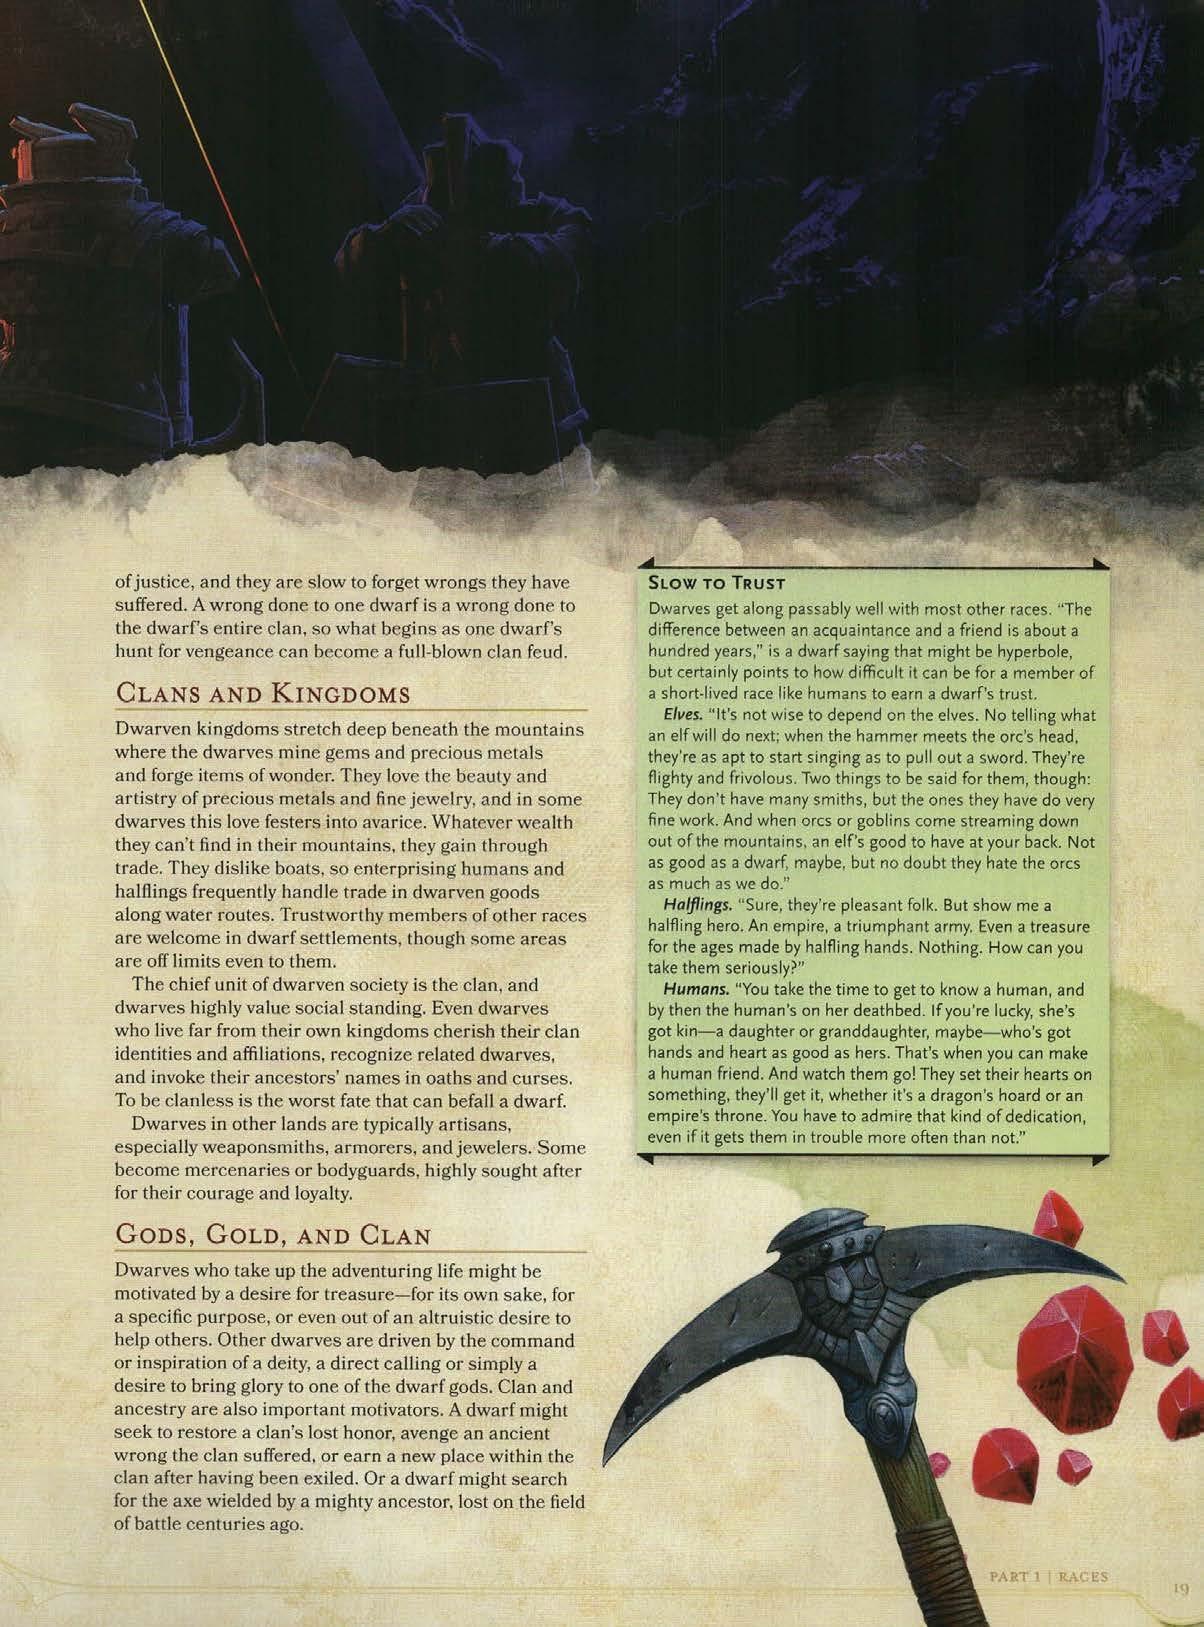 Dwarf description 2